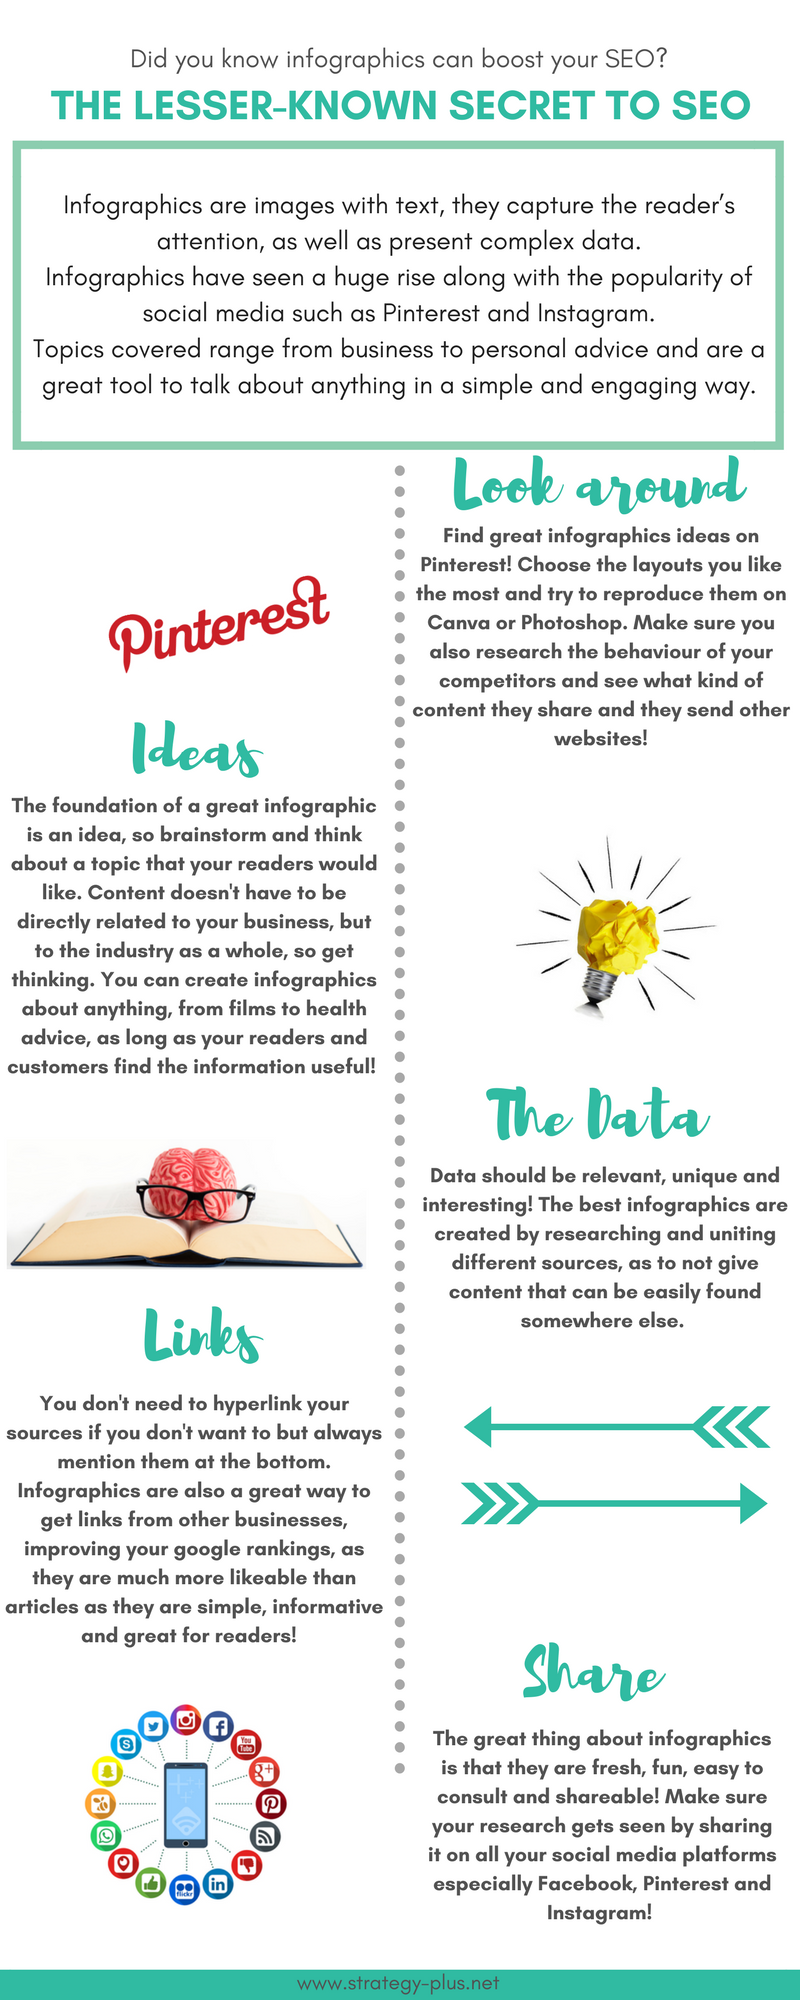 infographics and SEO